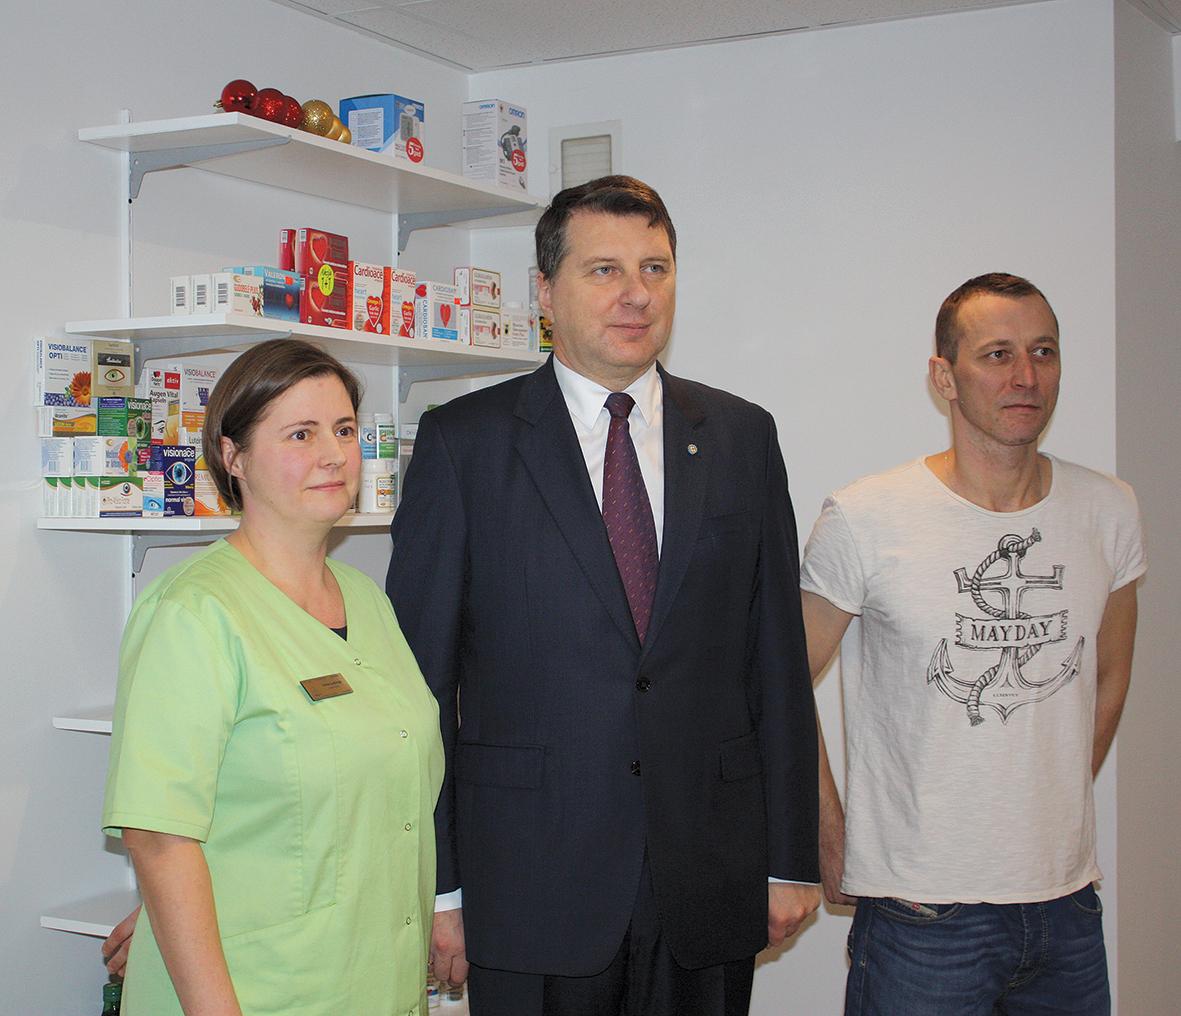 Neilgi pēc aptiekas atvēršanas Tērveti apmeklēja Valsts prezidents,  viņam tika izrādīta arī Augstkalnes aptieka. Iveta ar vīru Oskaru un Valsts prezidentu Raimondu Vējoni